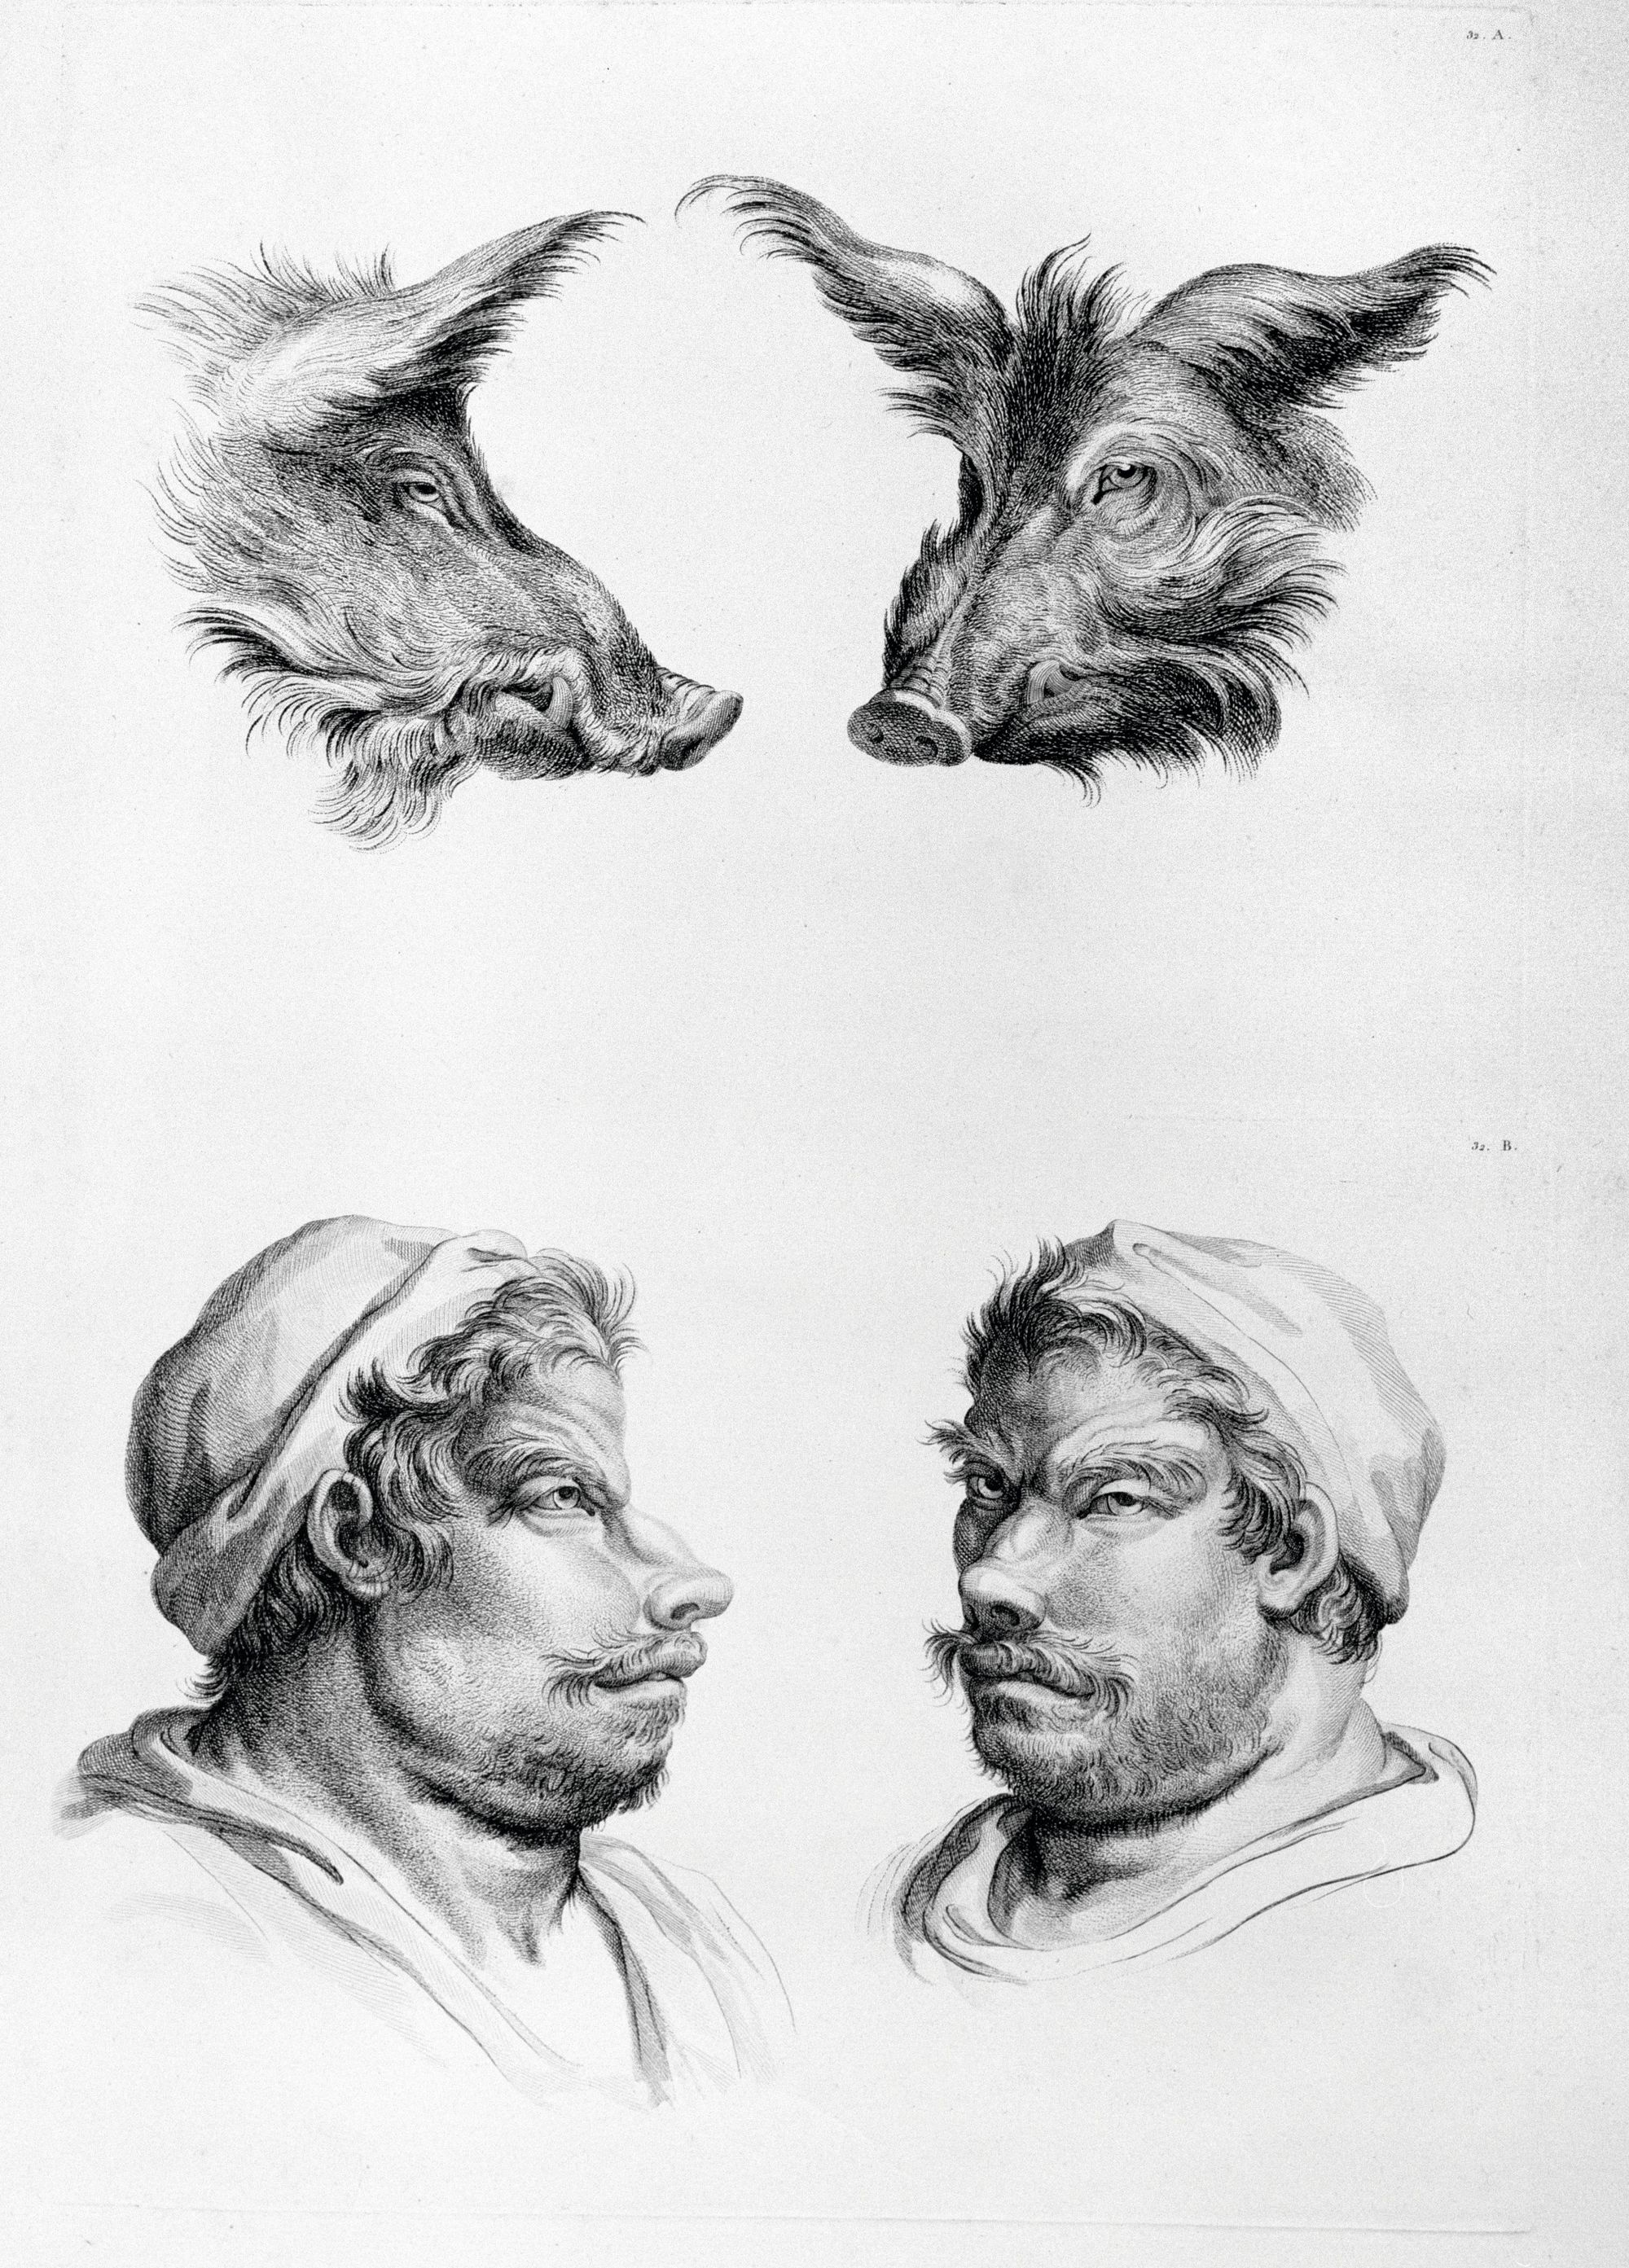 Charles Le Brun (d'après), « Rapport de la figure humaine avec celle du sanglier », Traité du rapport de la figure humaine avec celle des animaux, 1672.